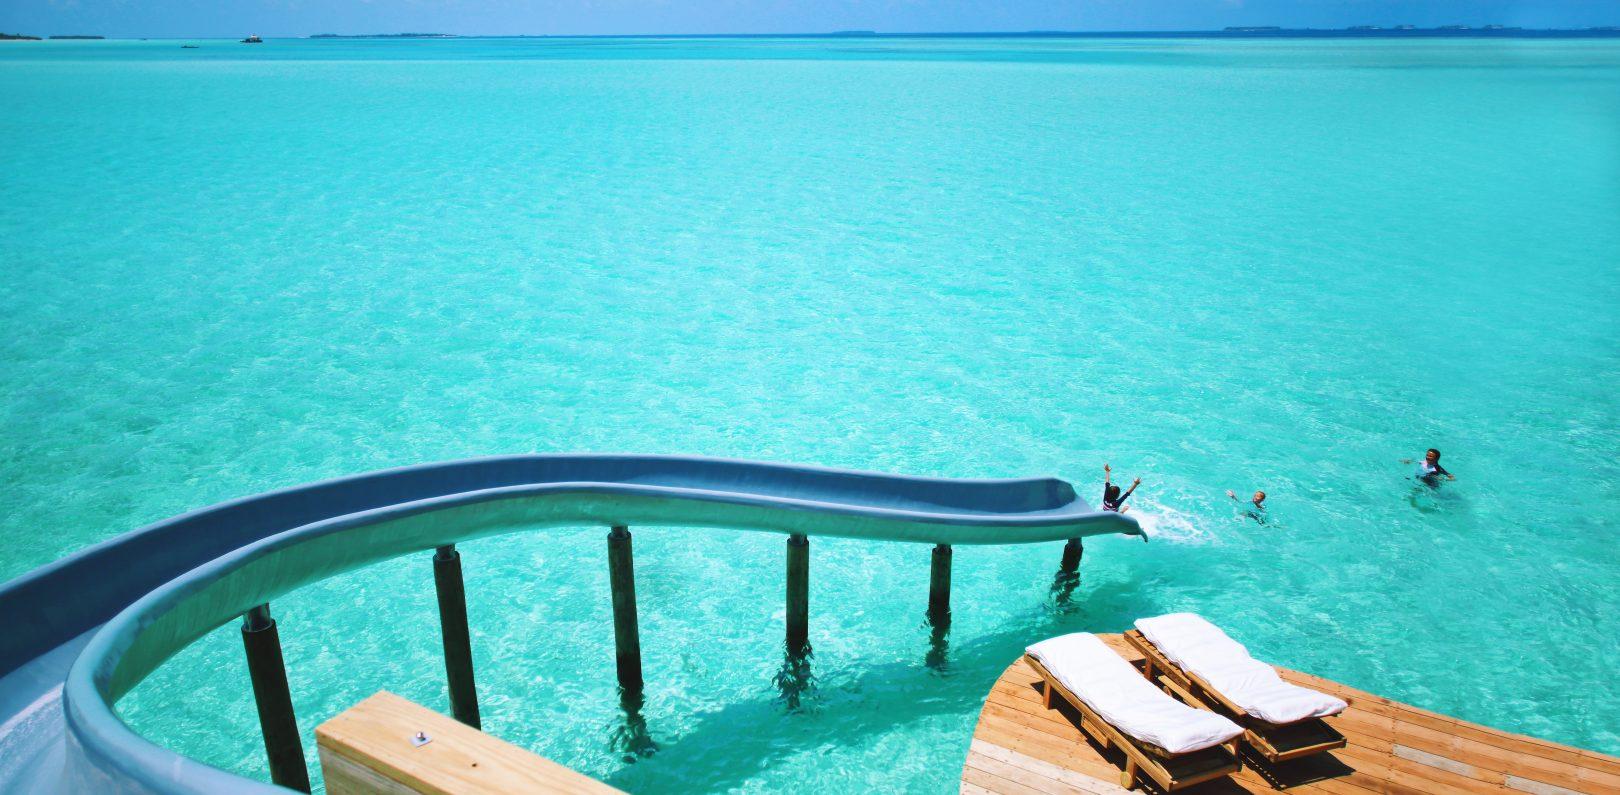 خلفيات صور المالديف 10